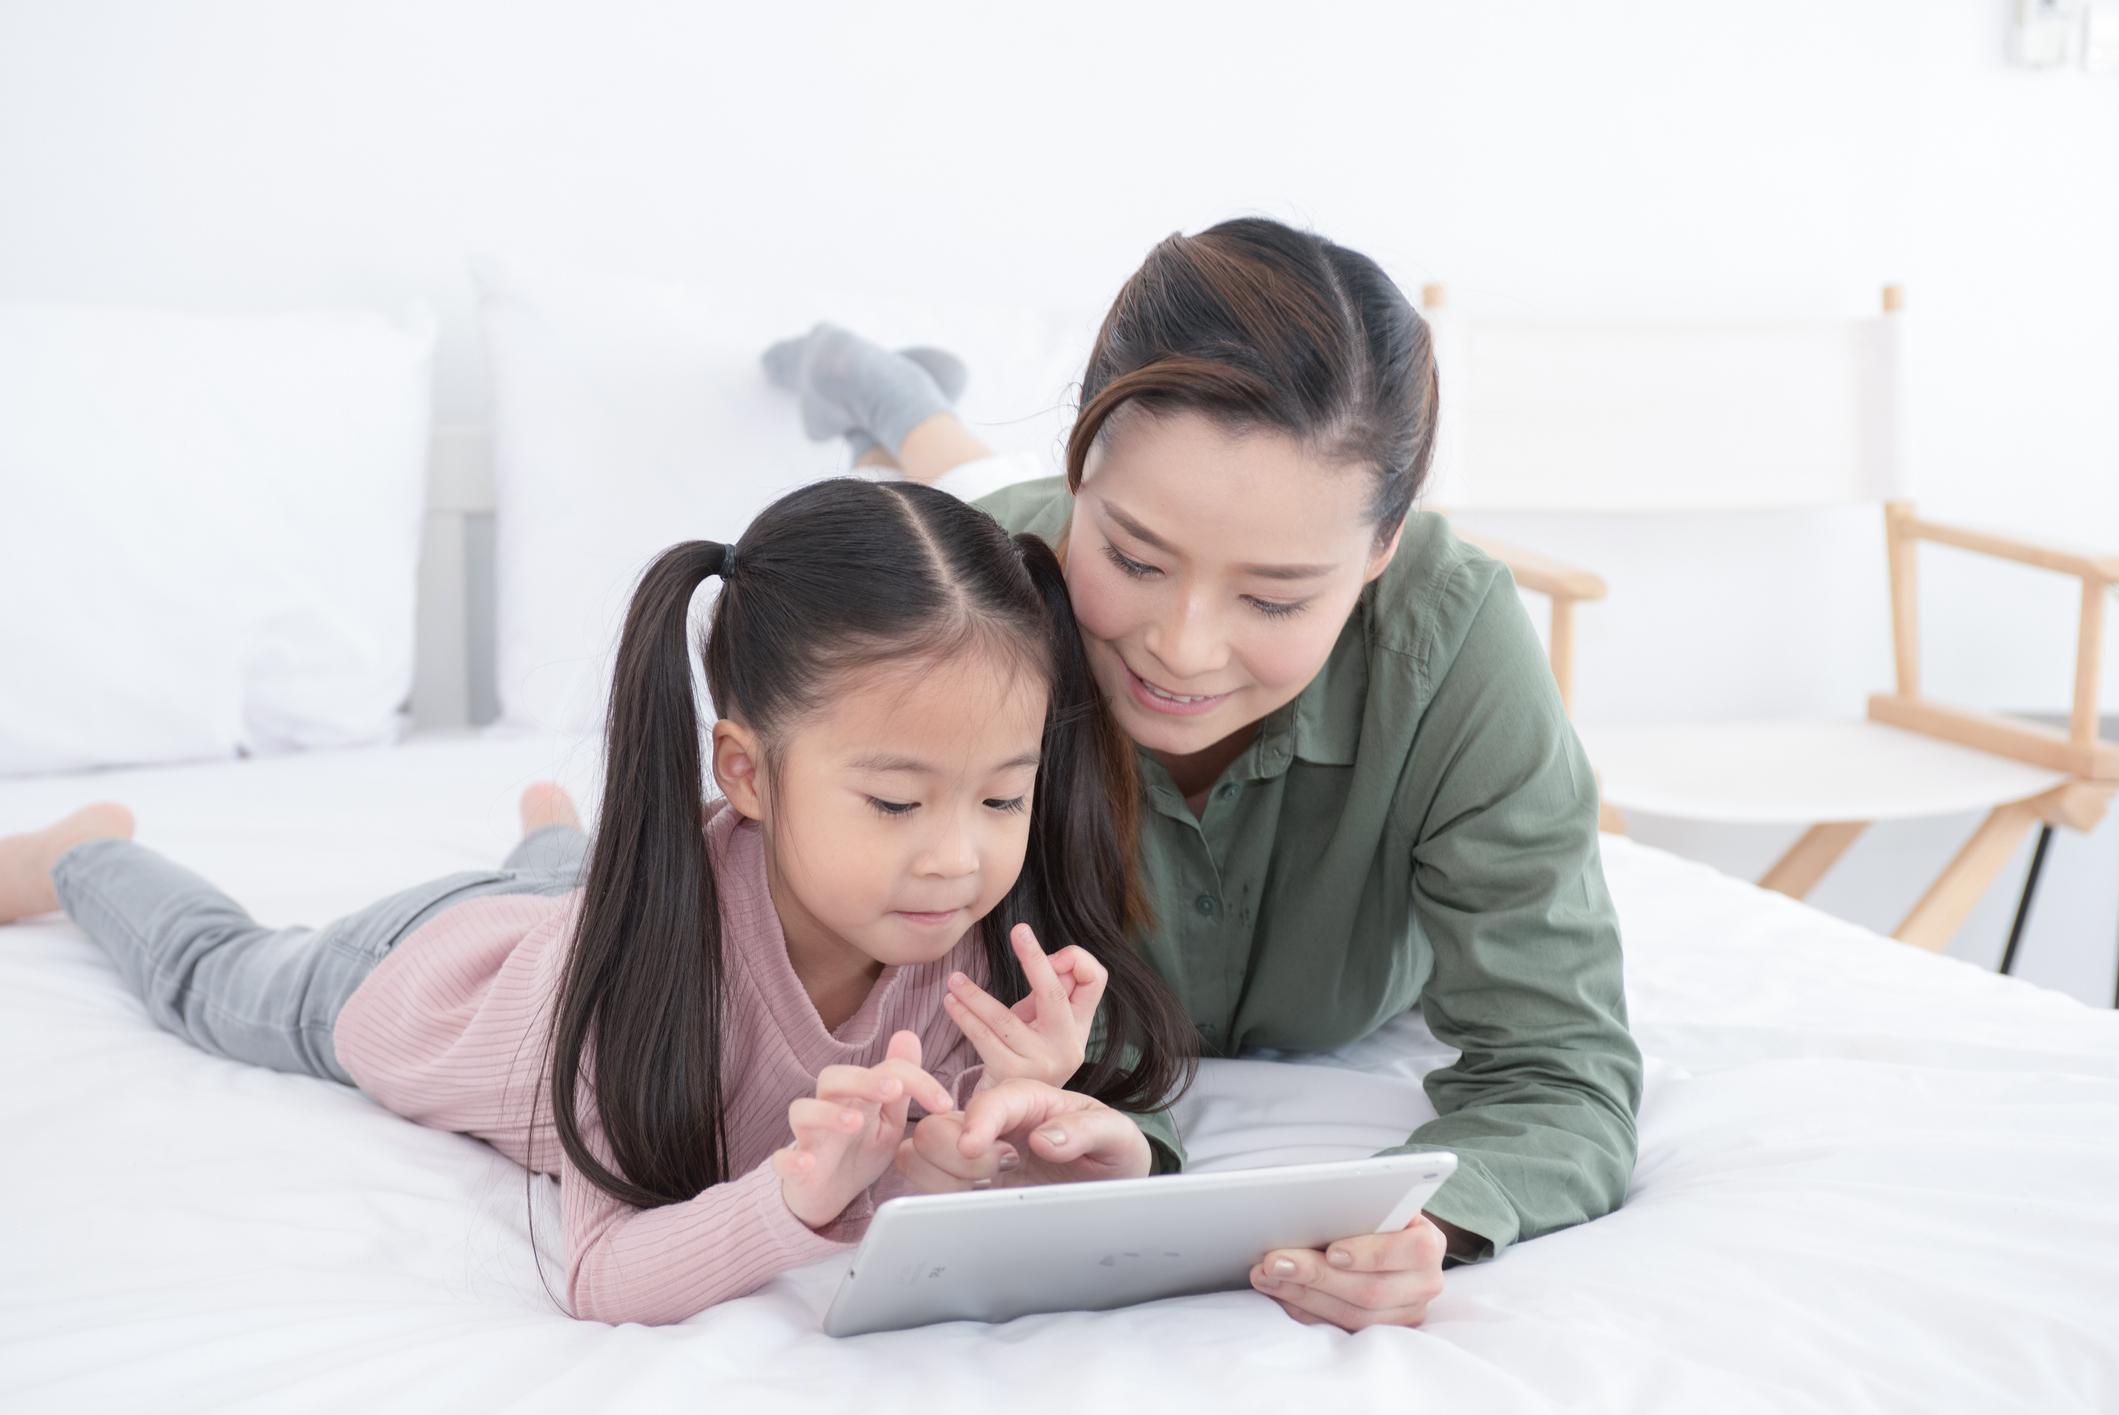 Belajar bahasa Inggris untuk anak sejak dini sagat bermanfaat untuk masa depan mereka - Edu2Review